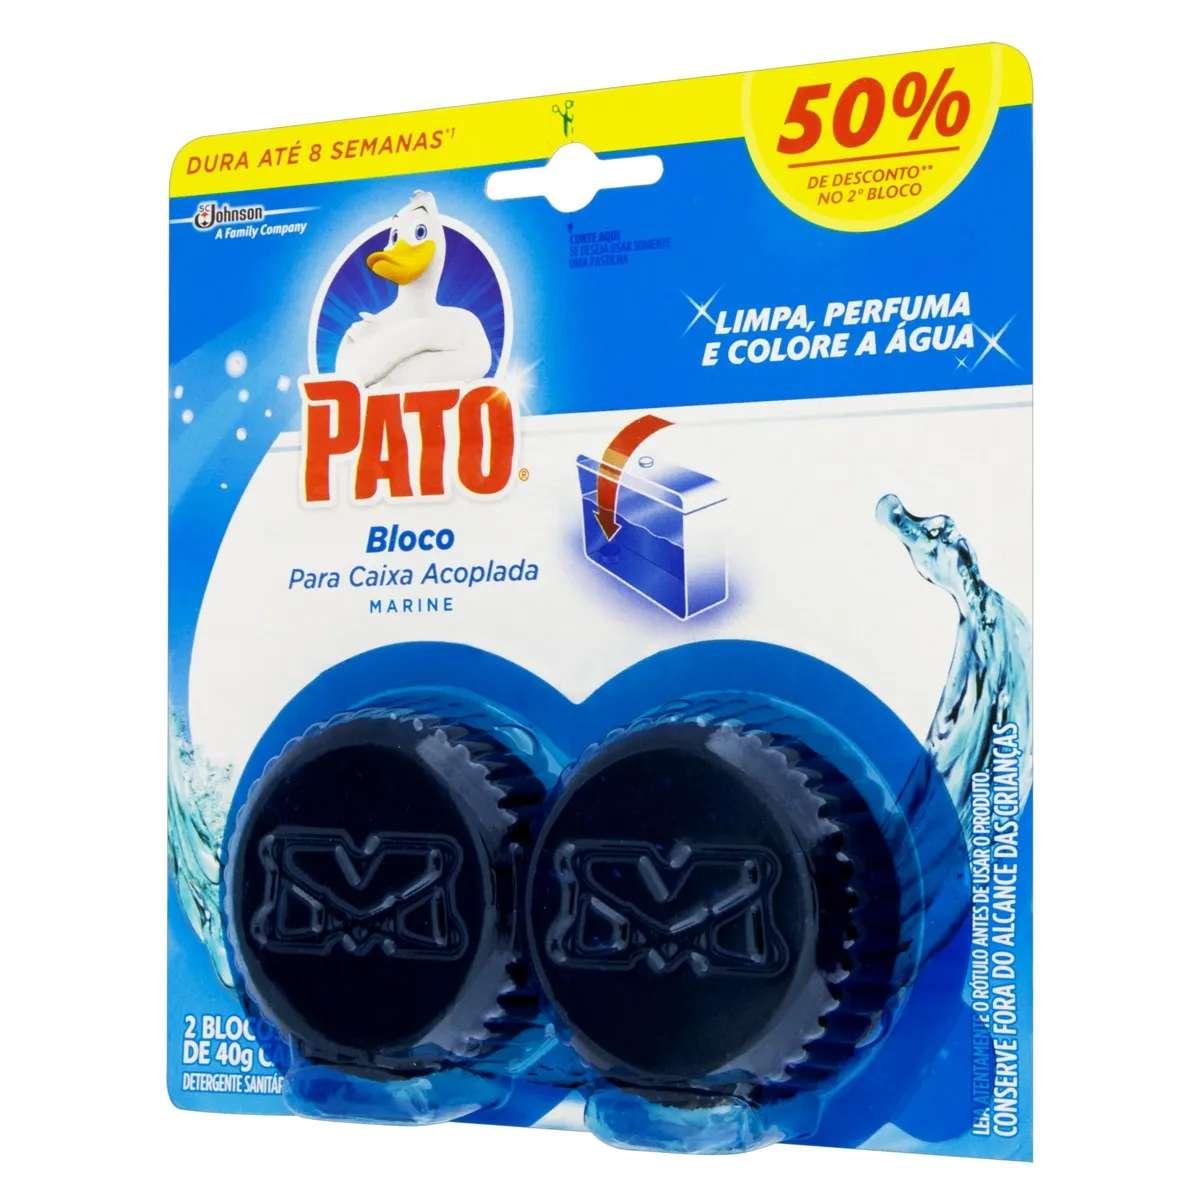 Detergente Sanitário Bloco para Caixa Acoplada Marine Pato 40g kit com 2 emb.